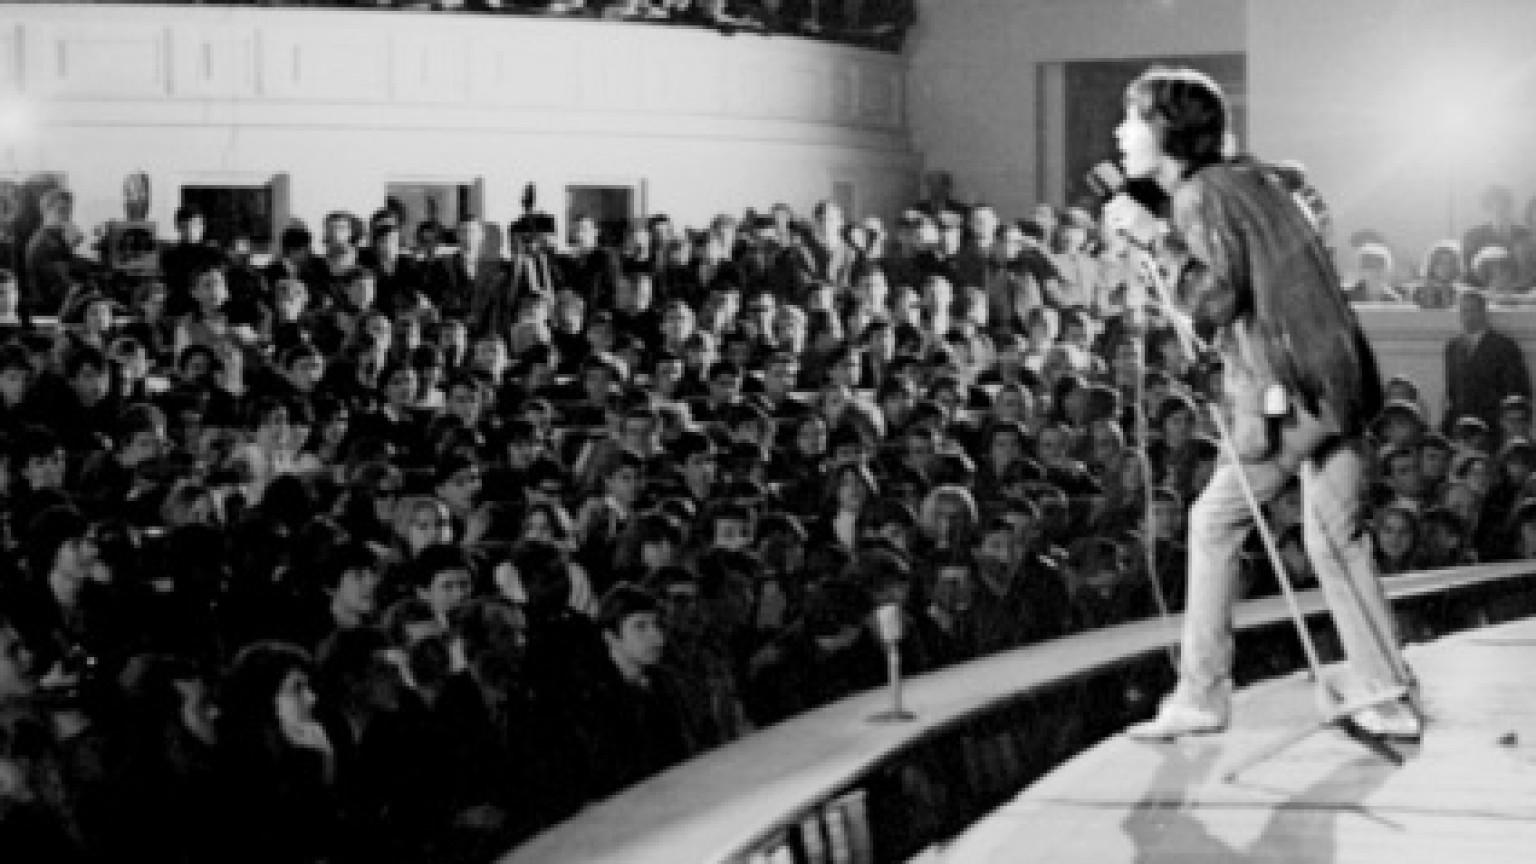 Zdjęcie dla kartki: Rolling Stones niszczą system